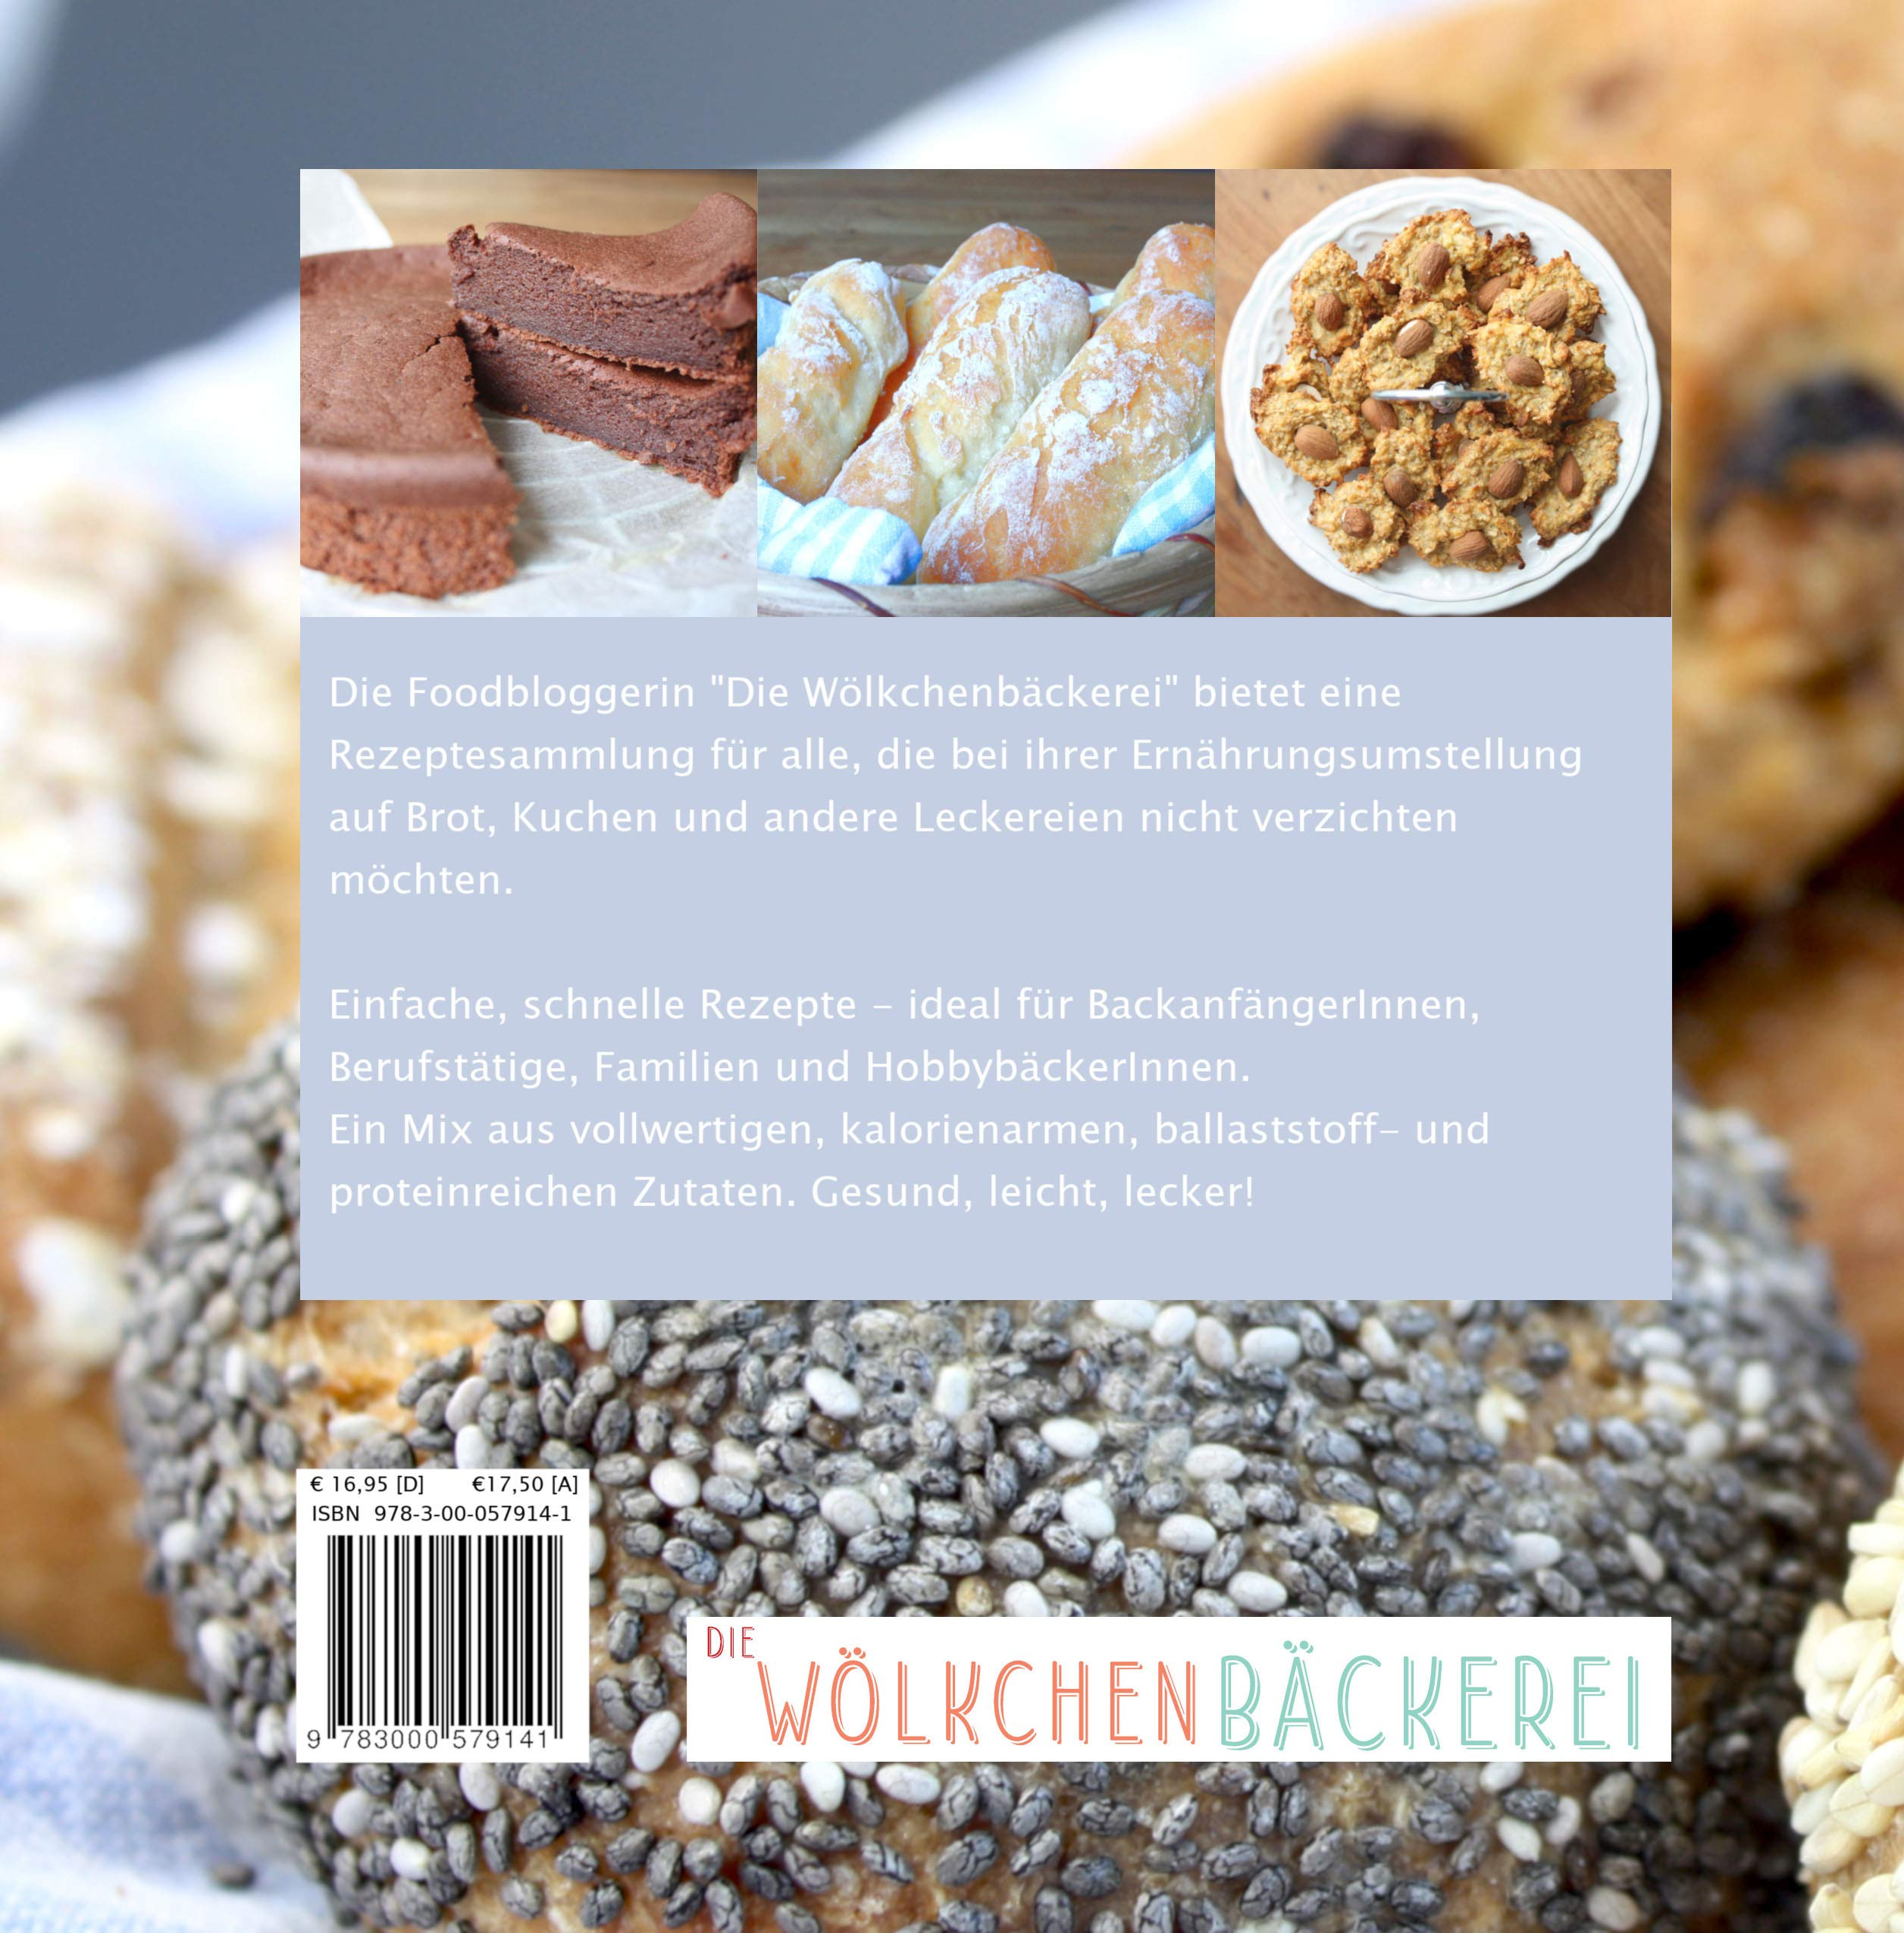 Zug Kuchen Fur Rezept Rezept With Zug Kuchen Fur Rezept Cheap